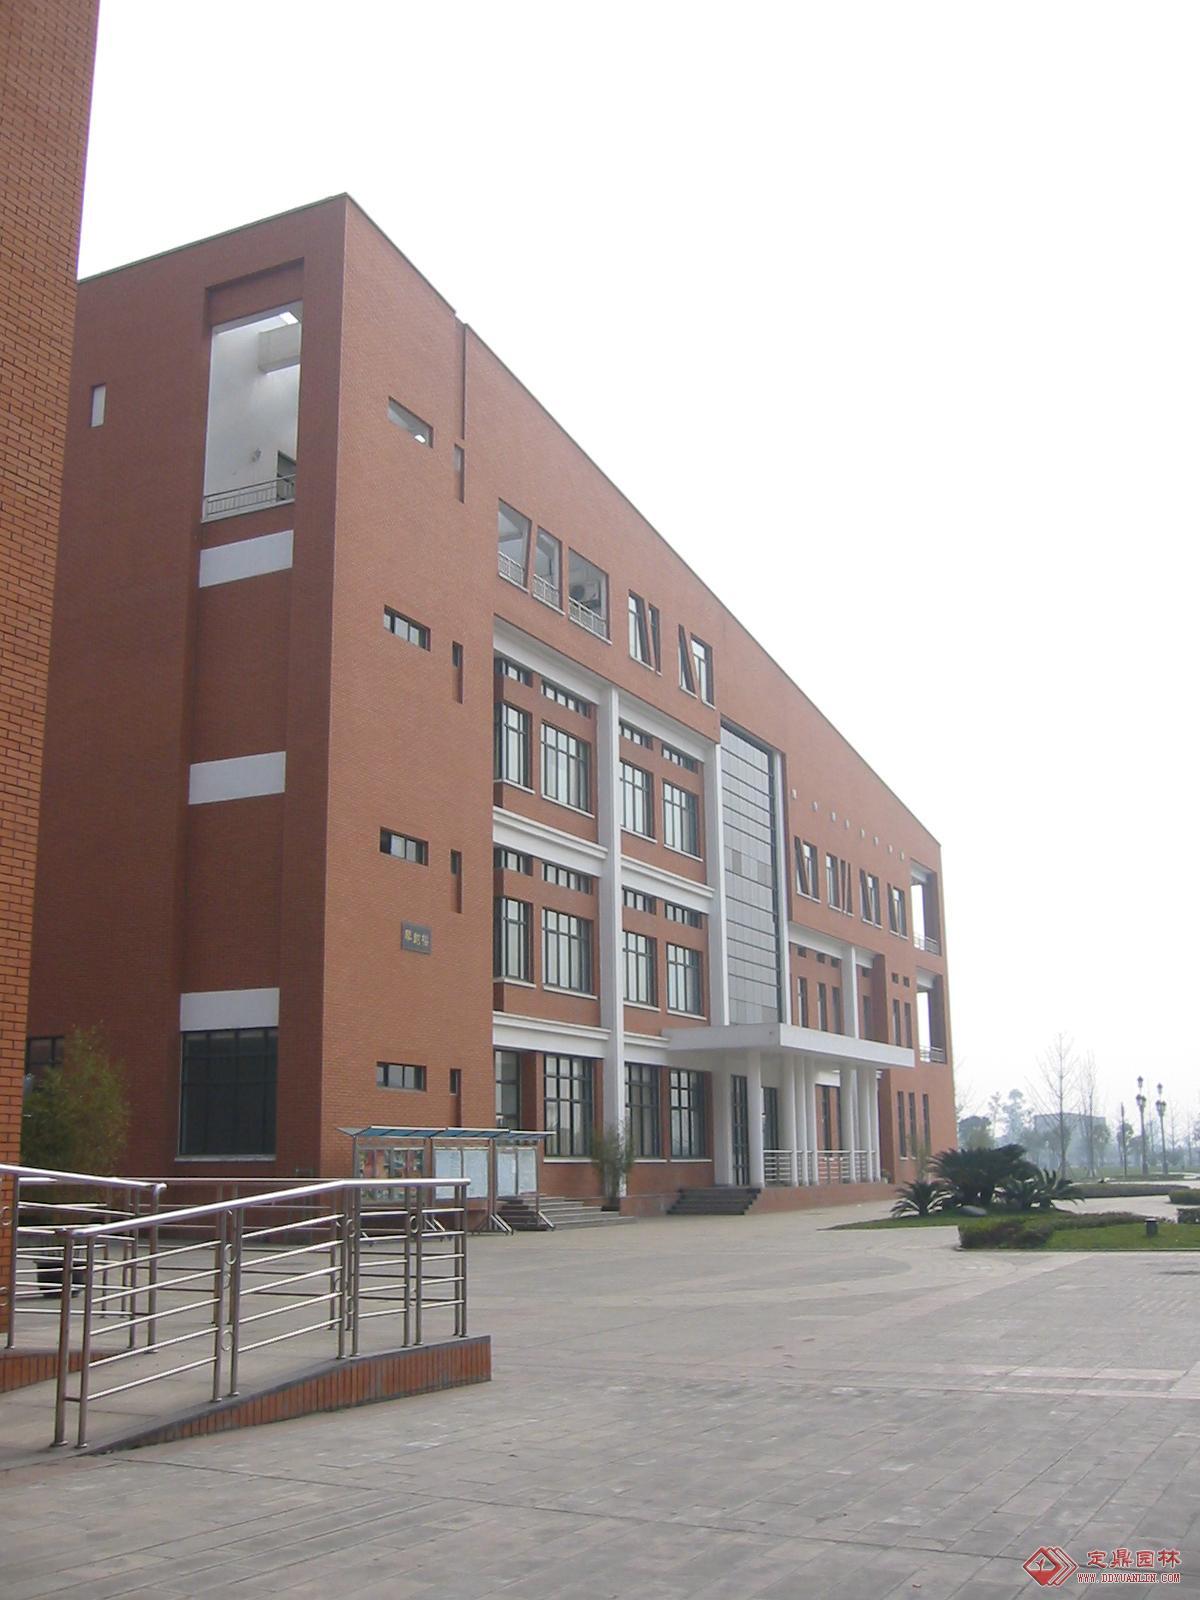 西南民族大学相册